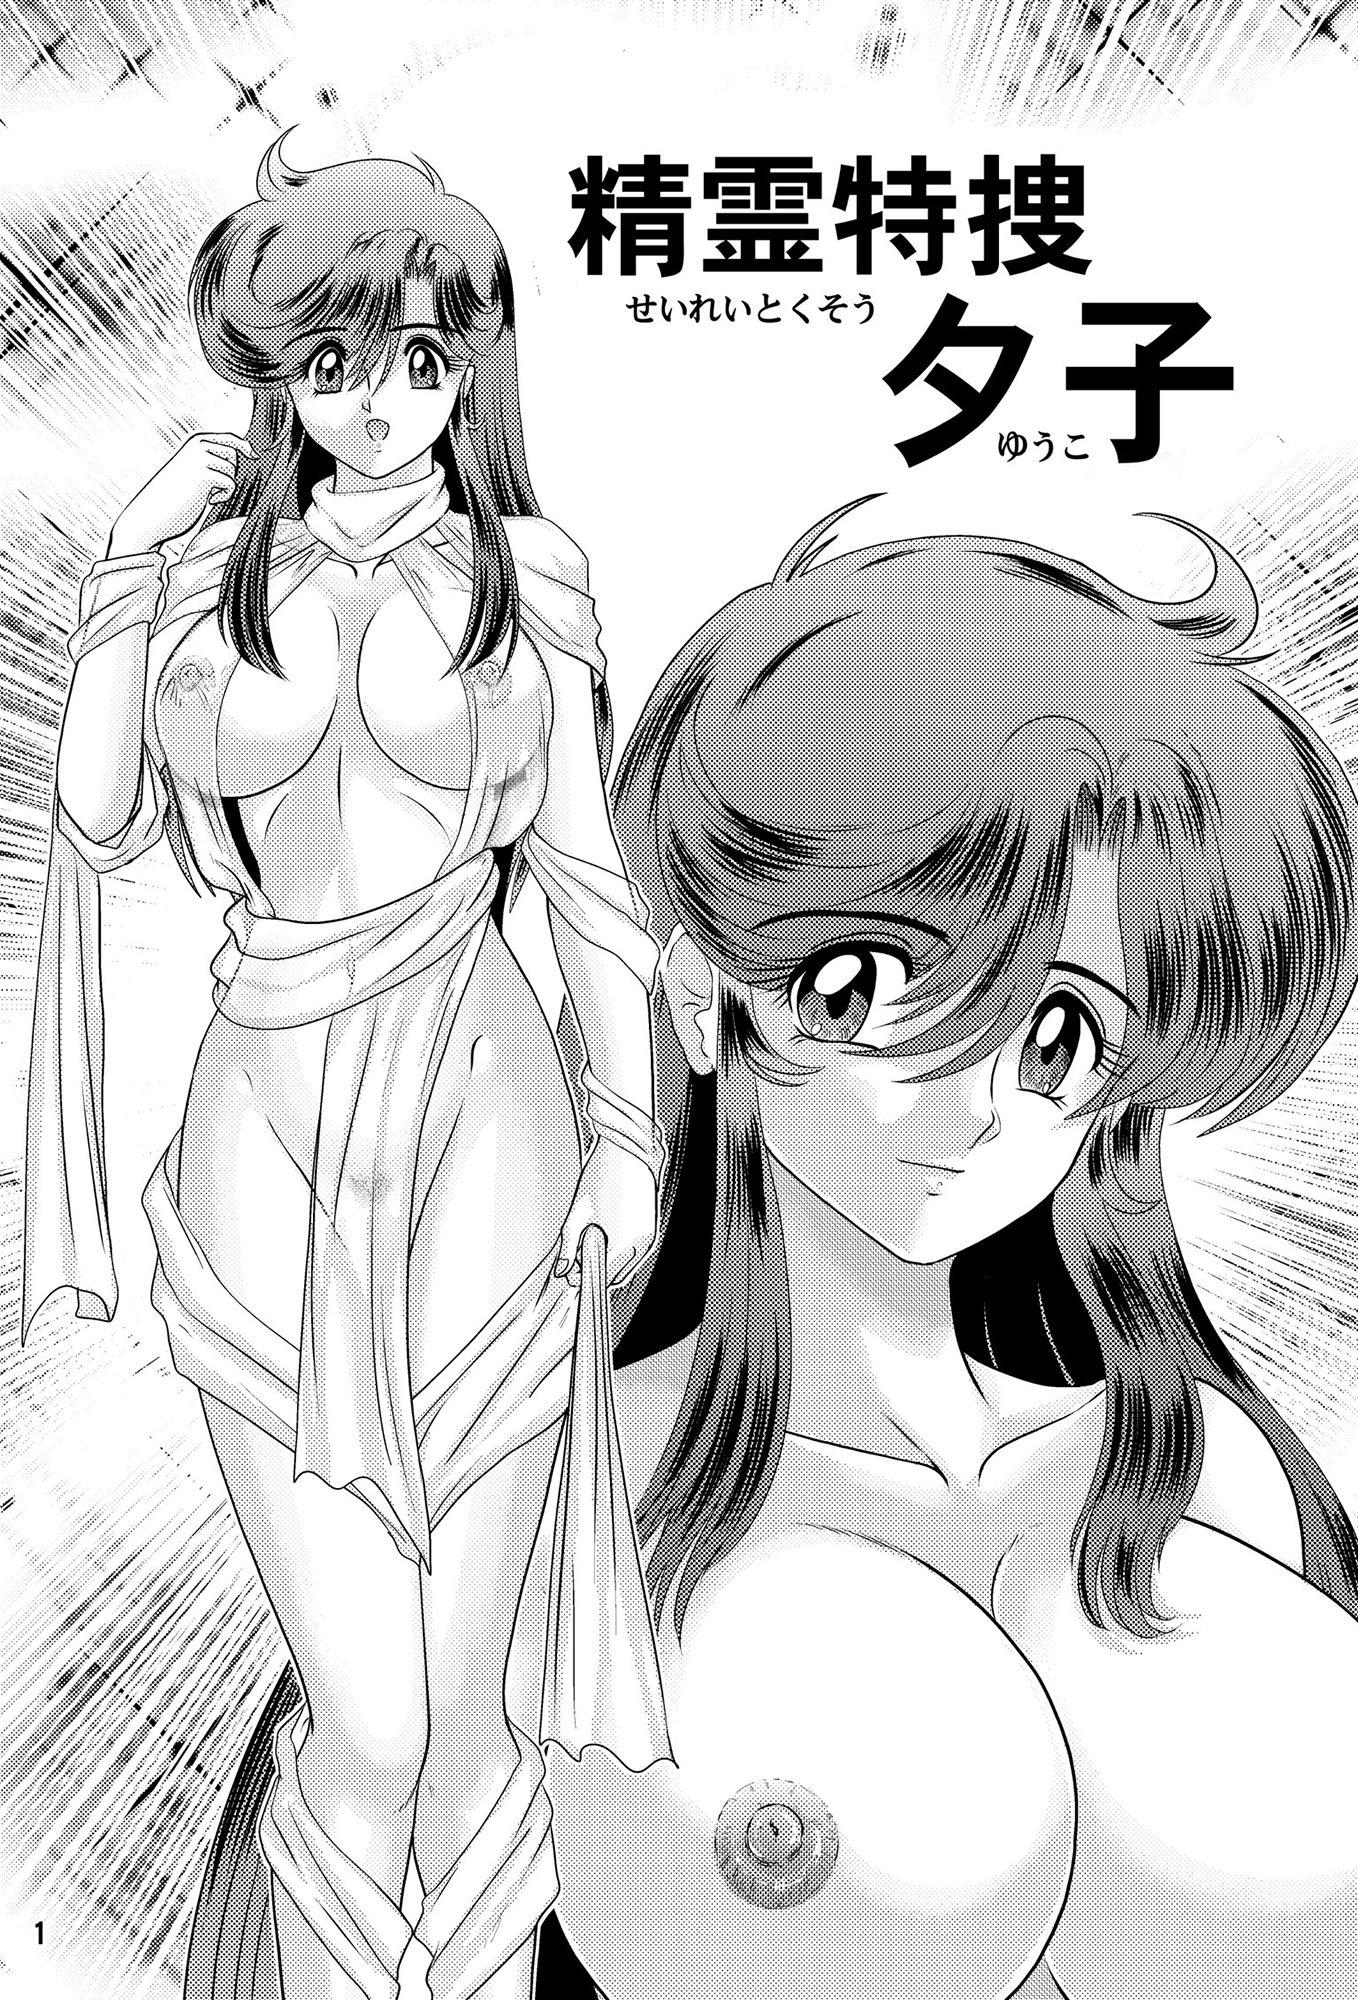 精霊特捜 夕子のサンプル画像1